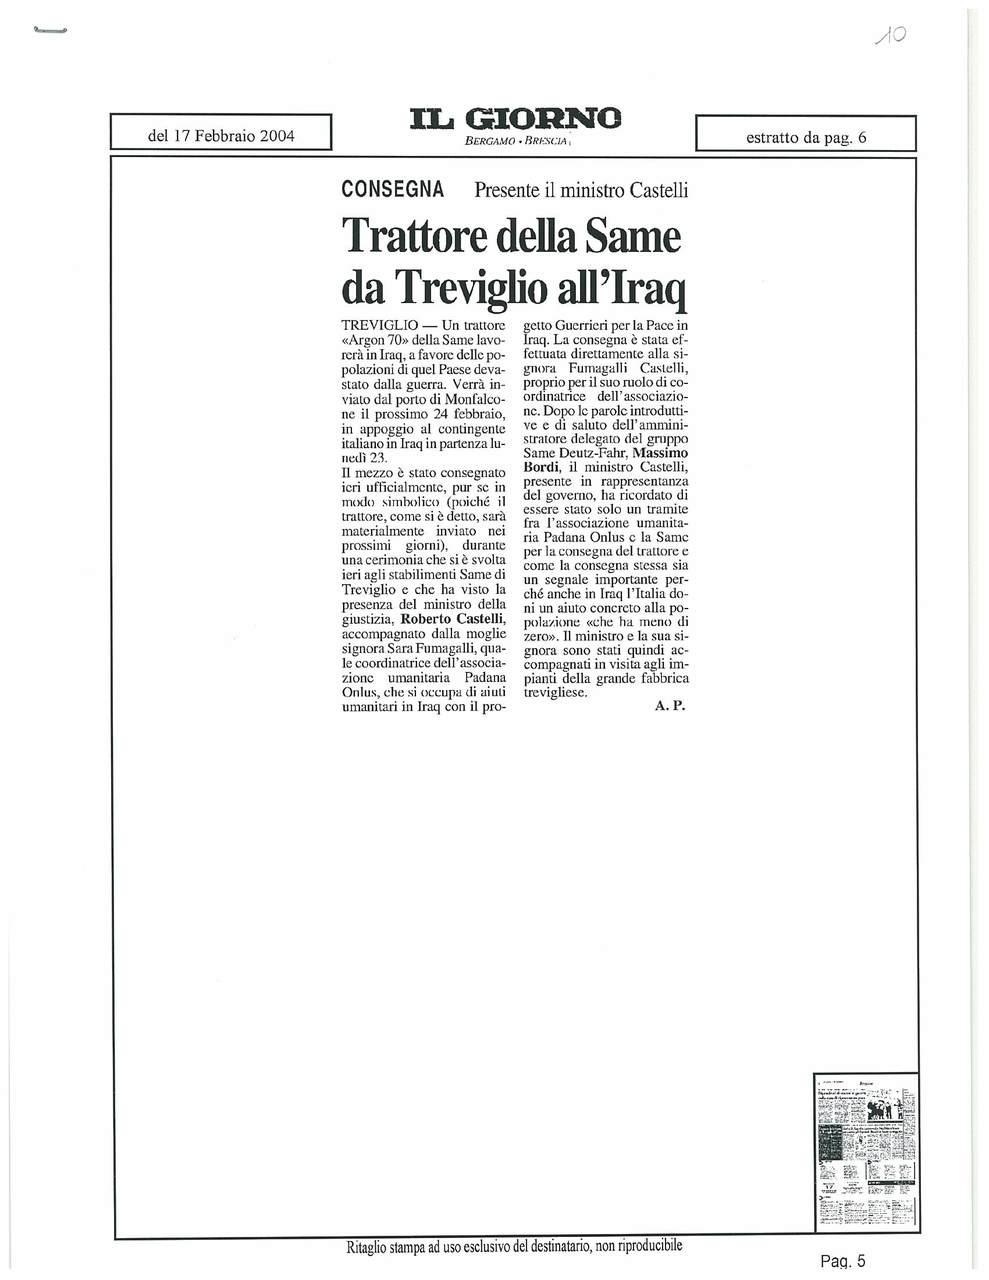 Trattore della SAME da Treviglio all'Iraq